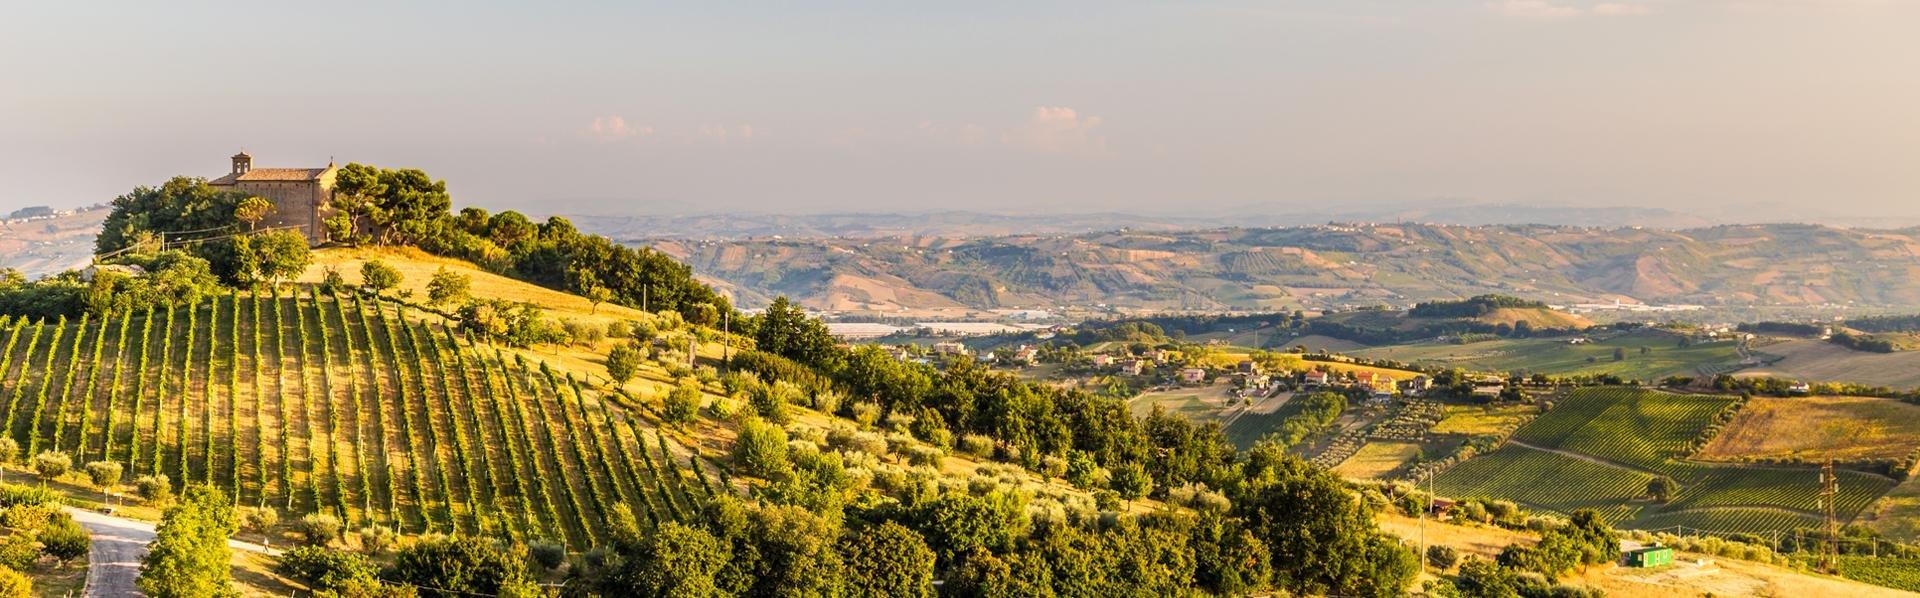 Wijngaarden in De Marken, Italië